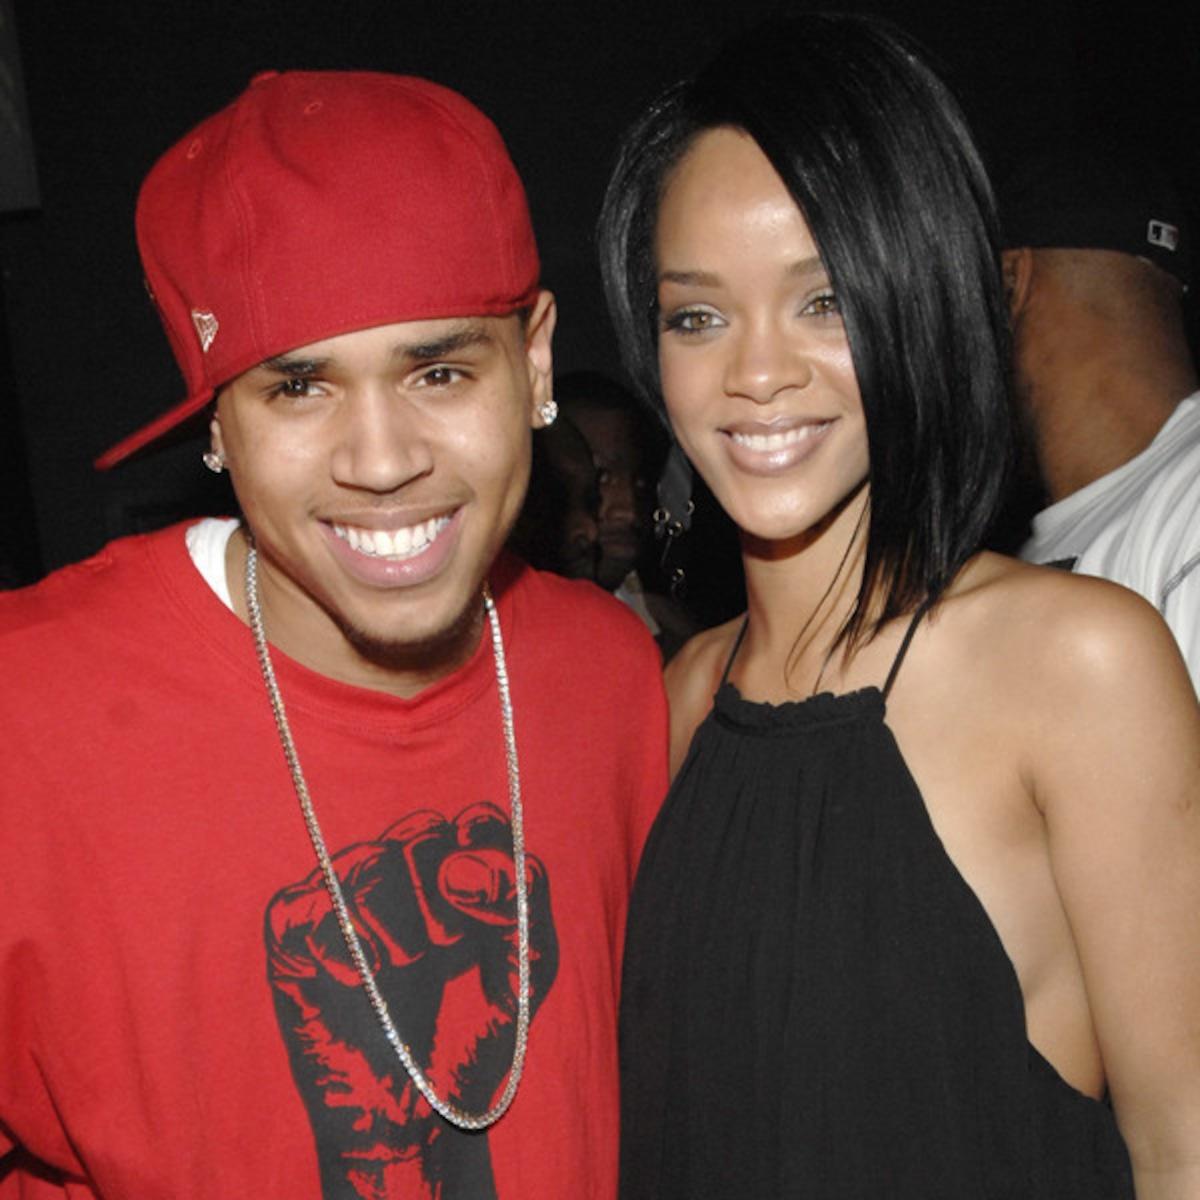 Chris Brown réagit enfin après la séparation de Rihanna et Hassan Jameel